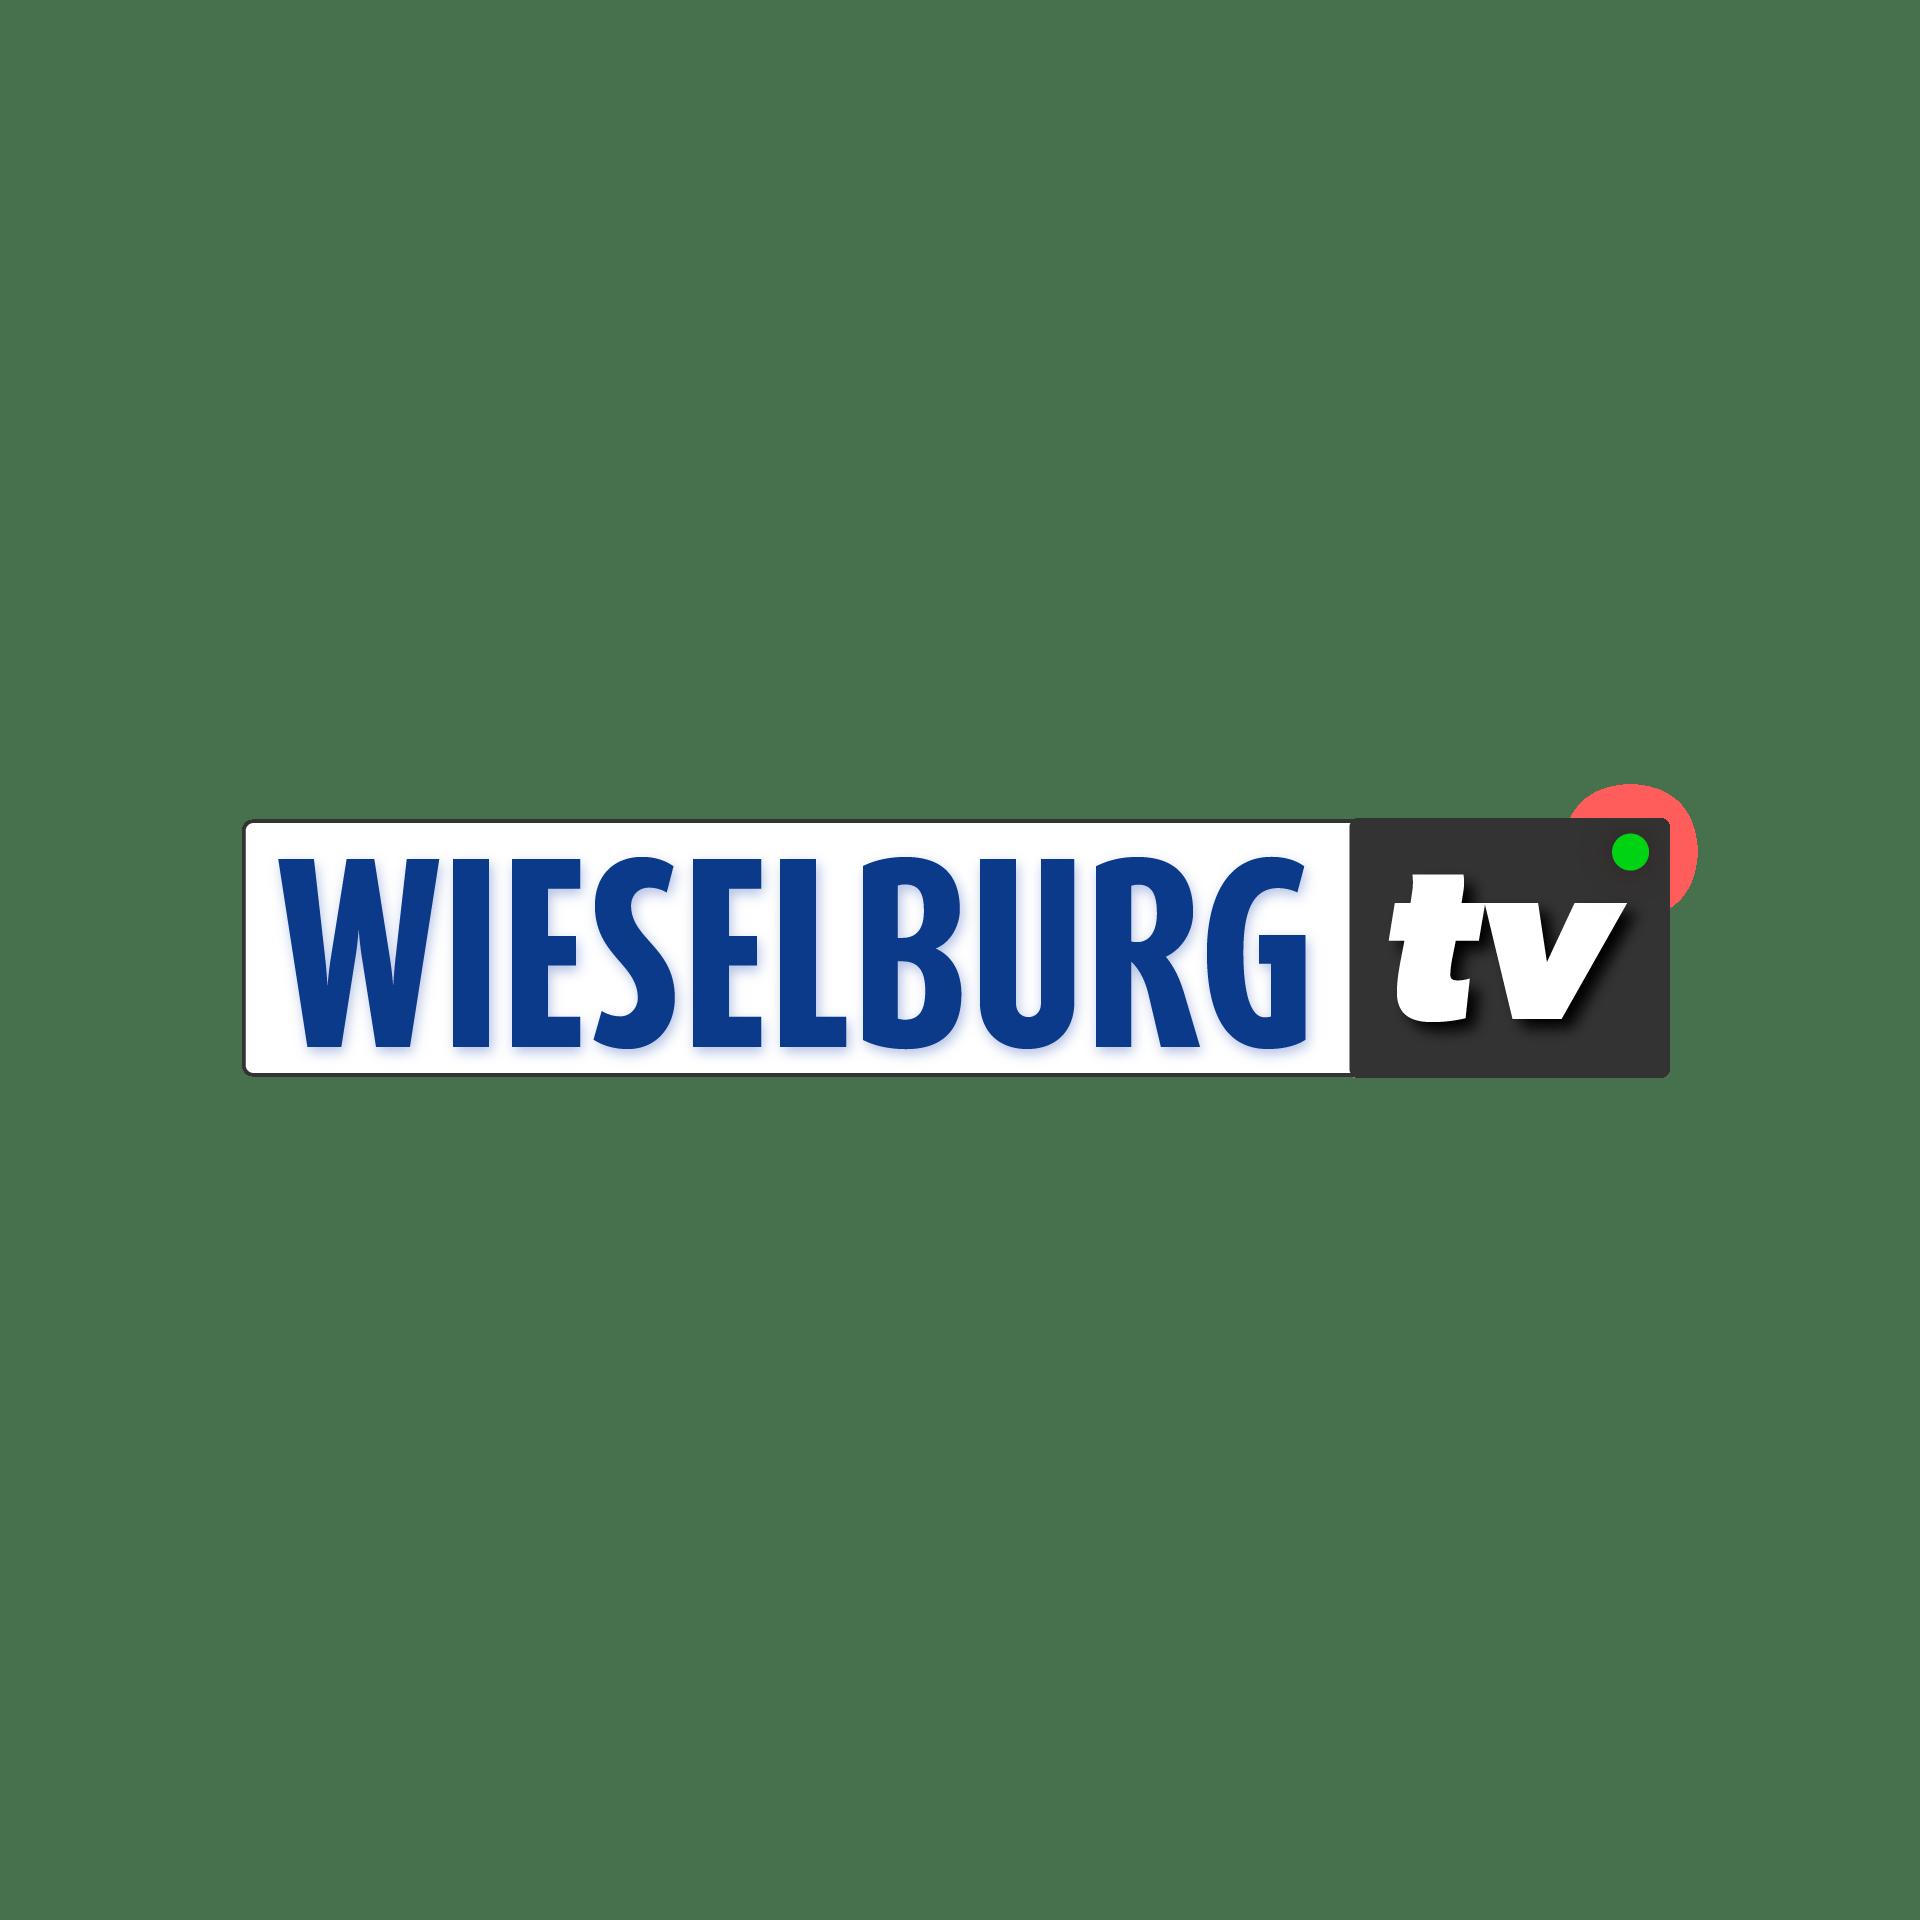 Wieselburg TV